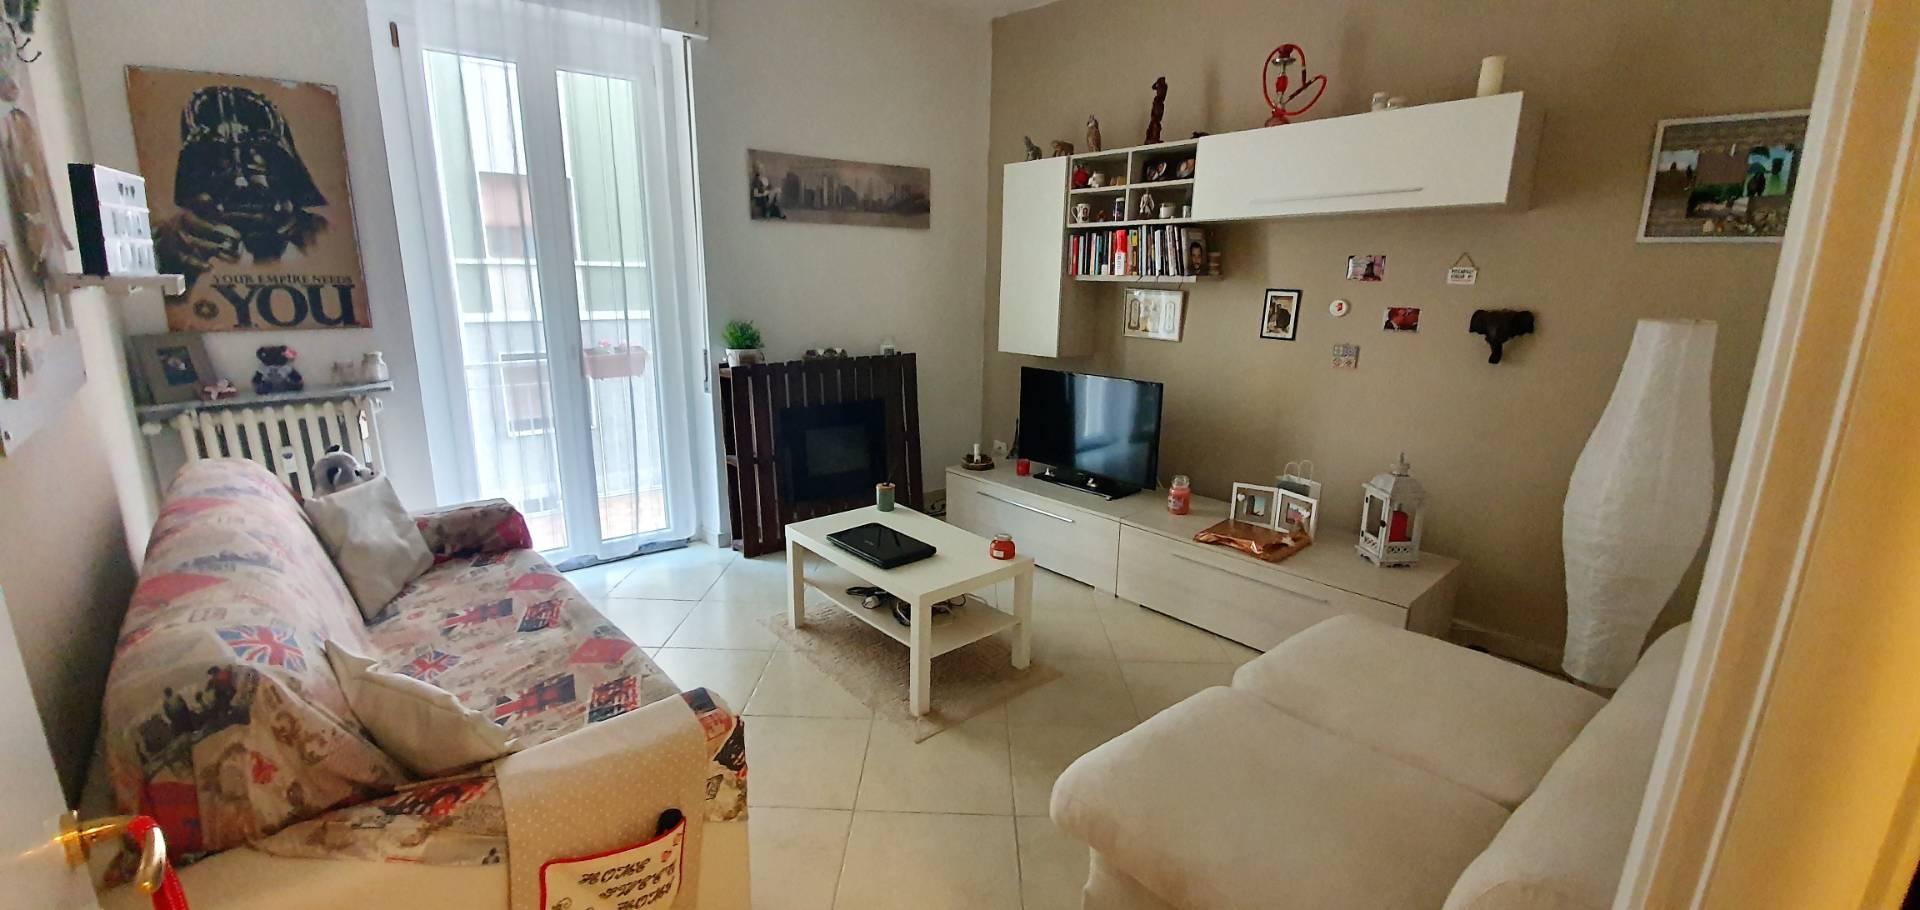 Appartamento in vendita a Alessandria, 3 locali, zona Località: VillaggioEuropa, prezzo € 60.000 | CambioCasa.it